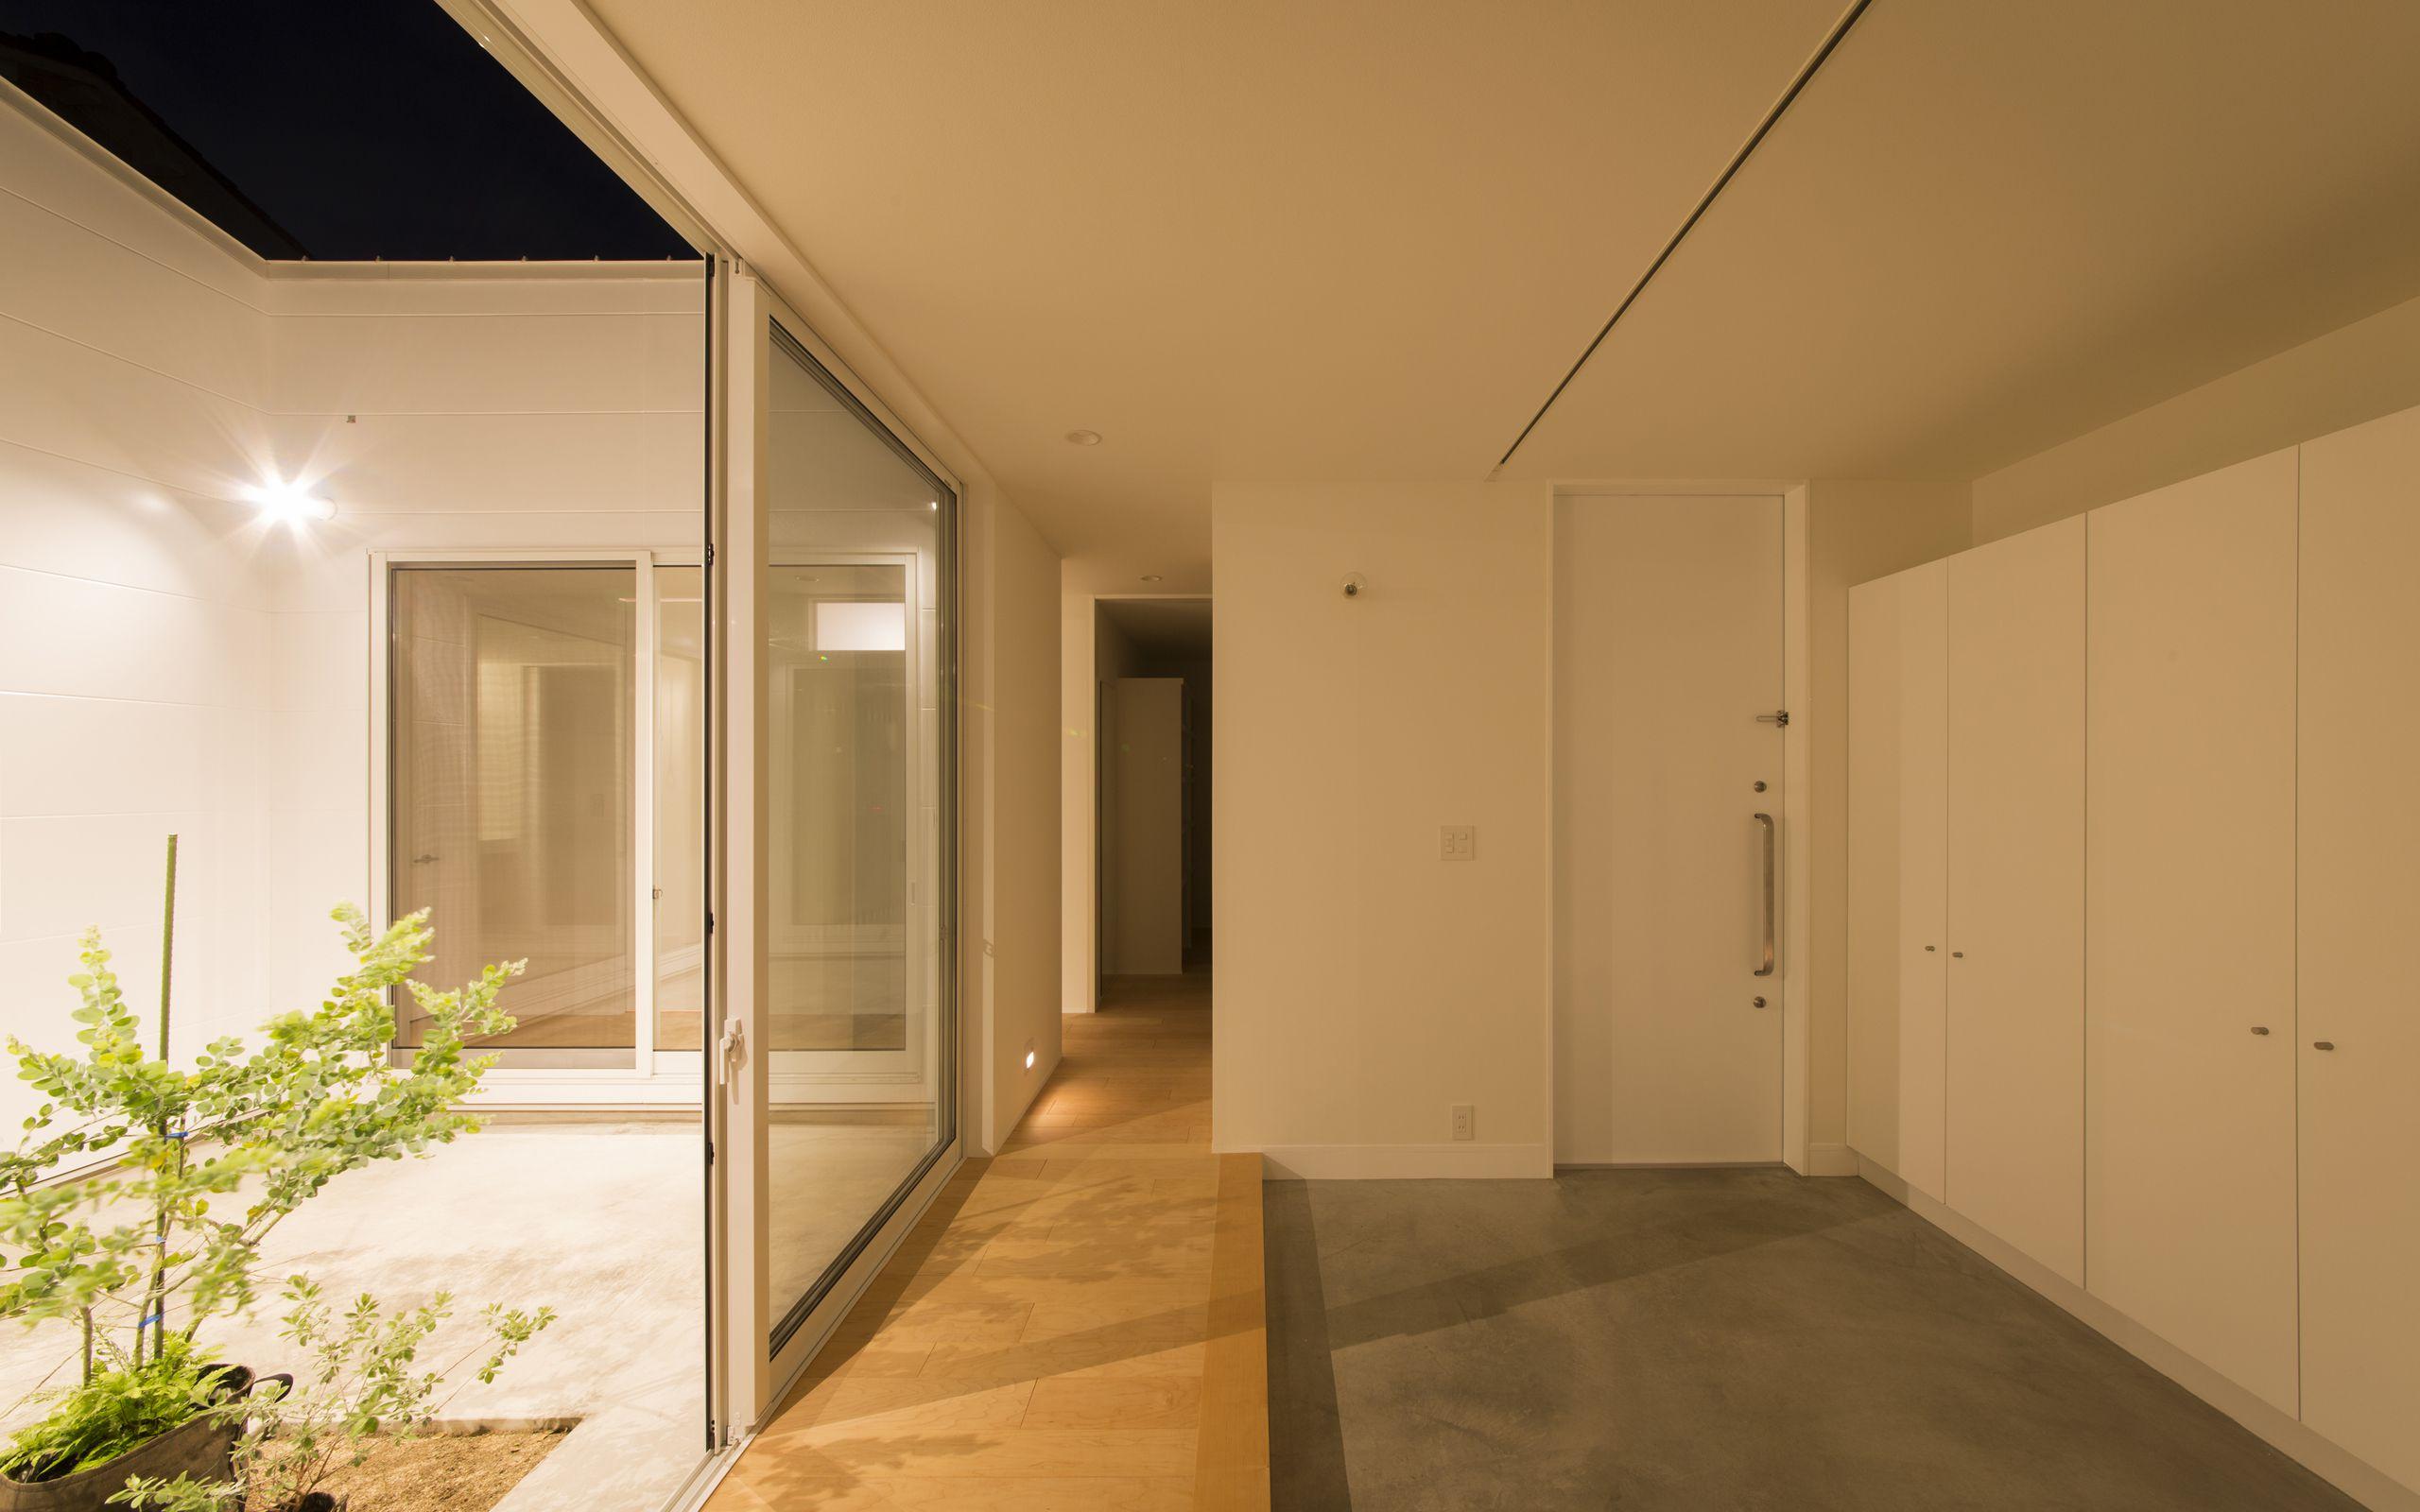 スカンジナビアンコートハウスの夕景(外部)3